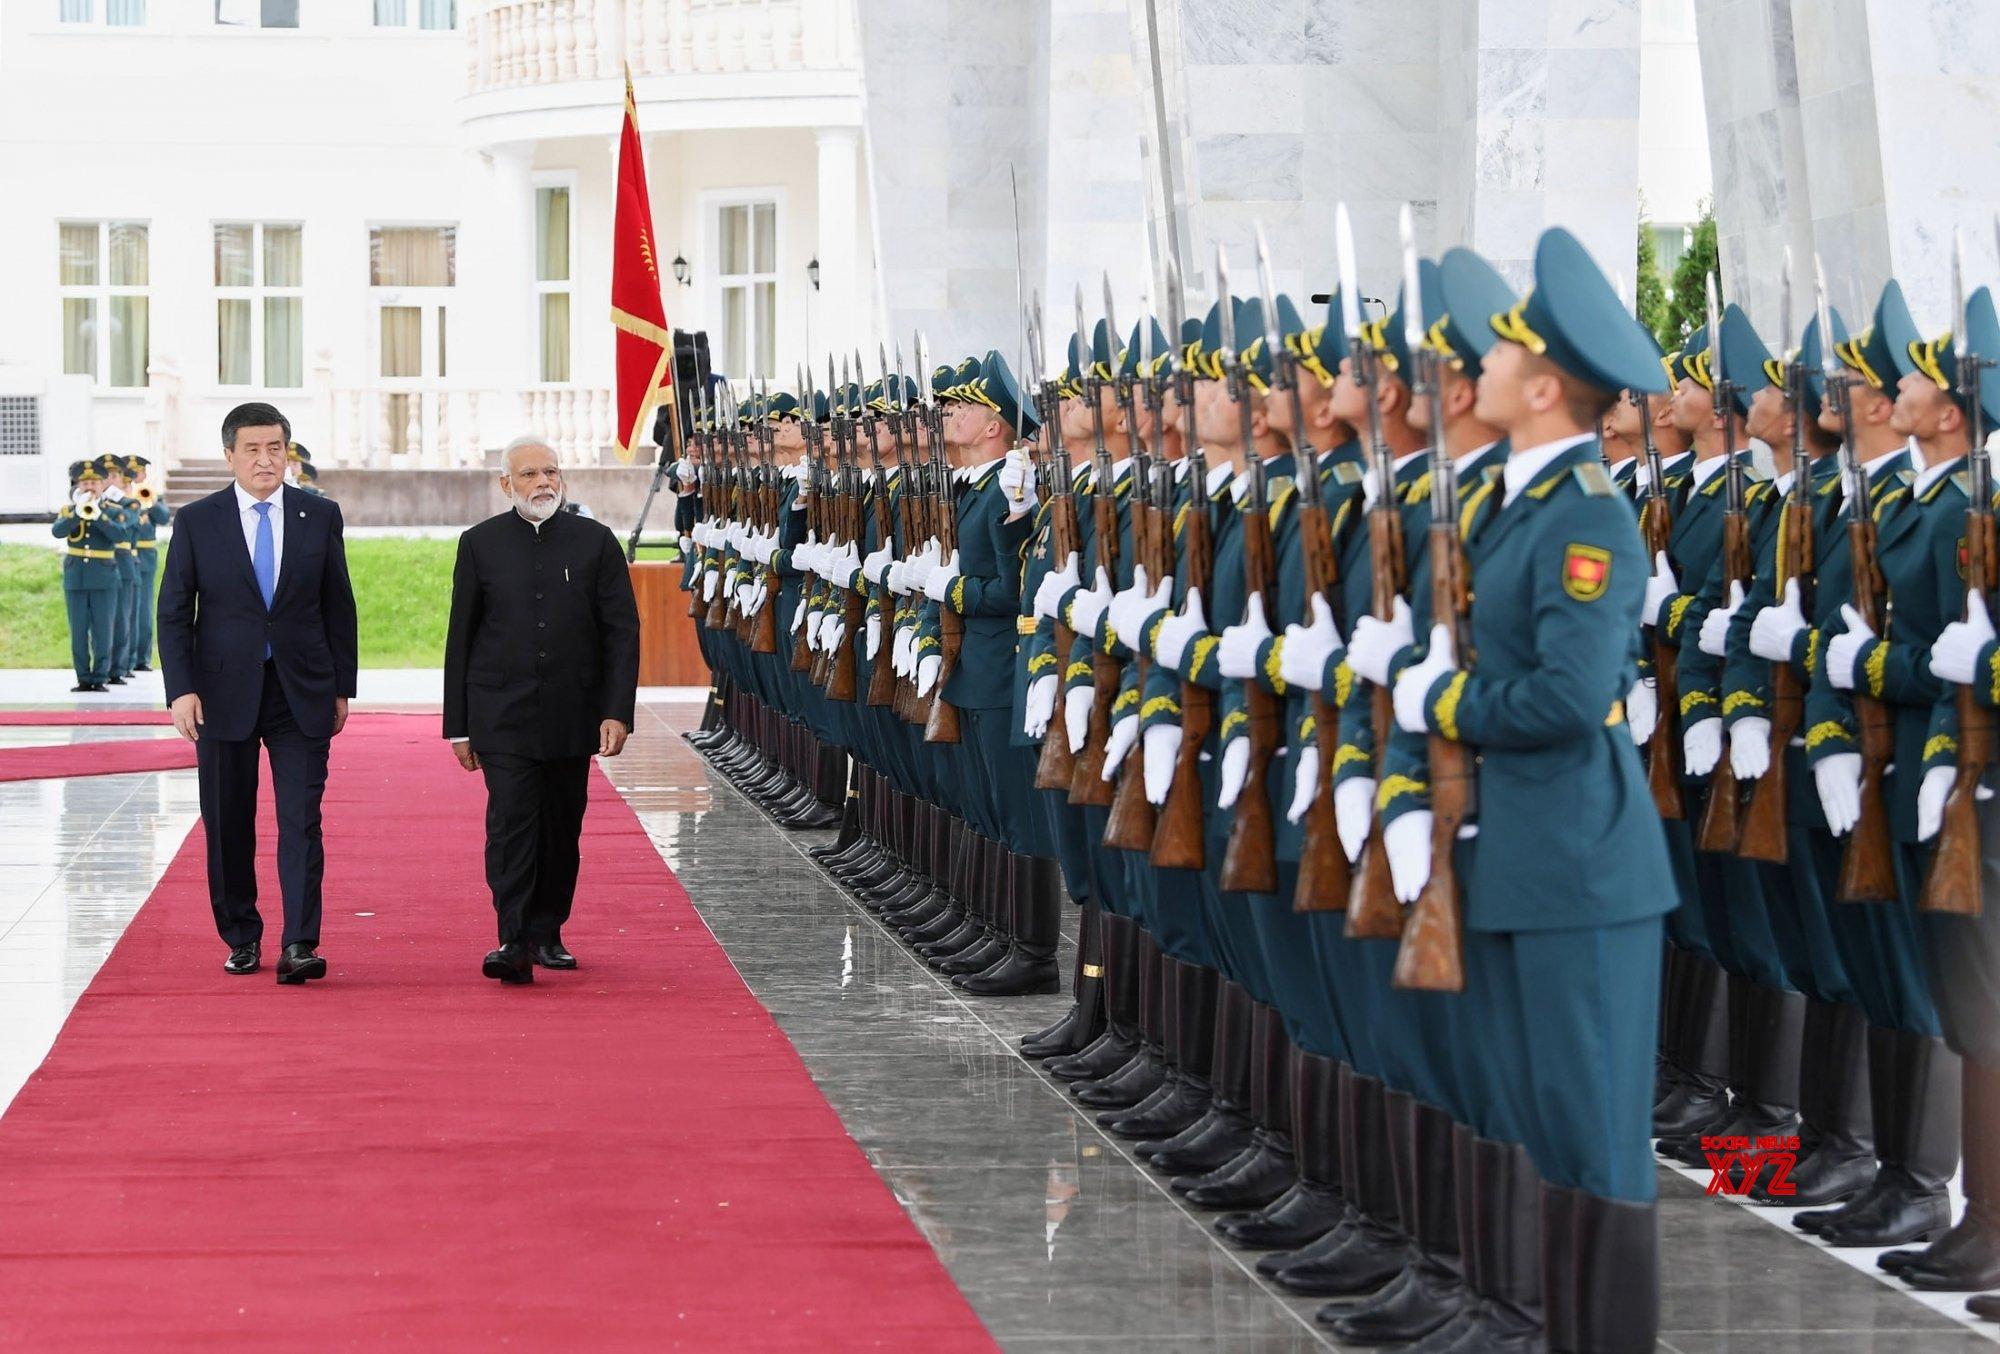 Bishkek (Kyrgyzstan): PM Modi receives ceremonial welcome in Kyrgyzstan #Gallery